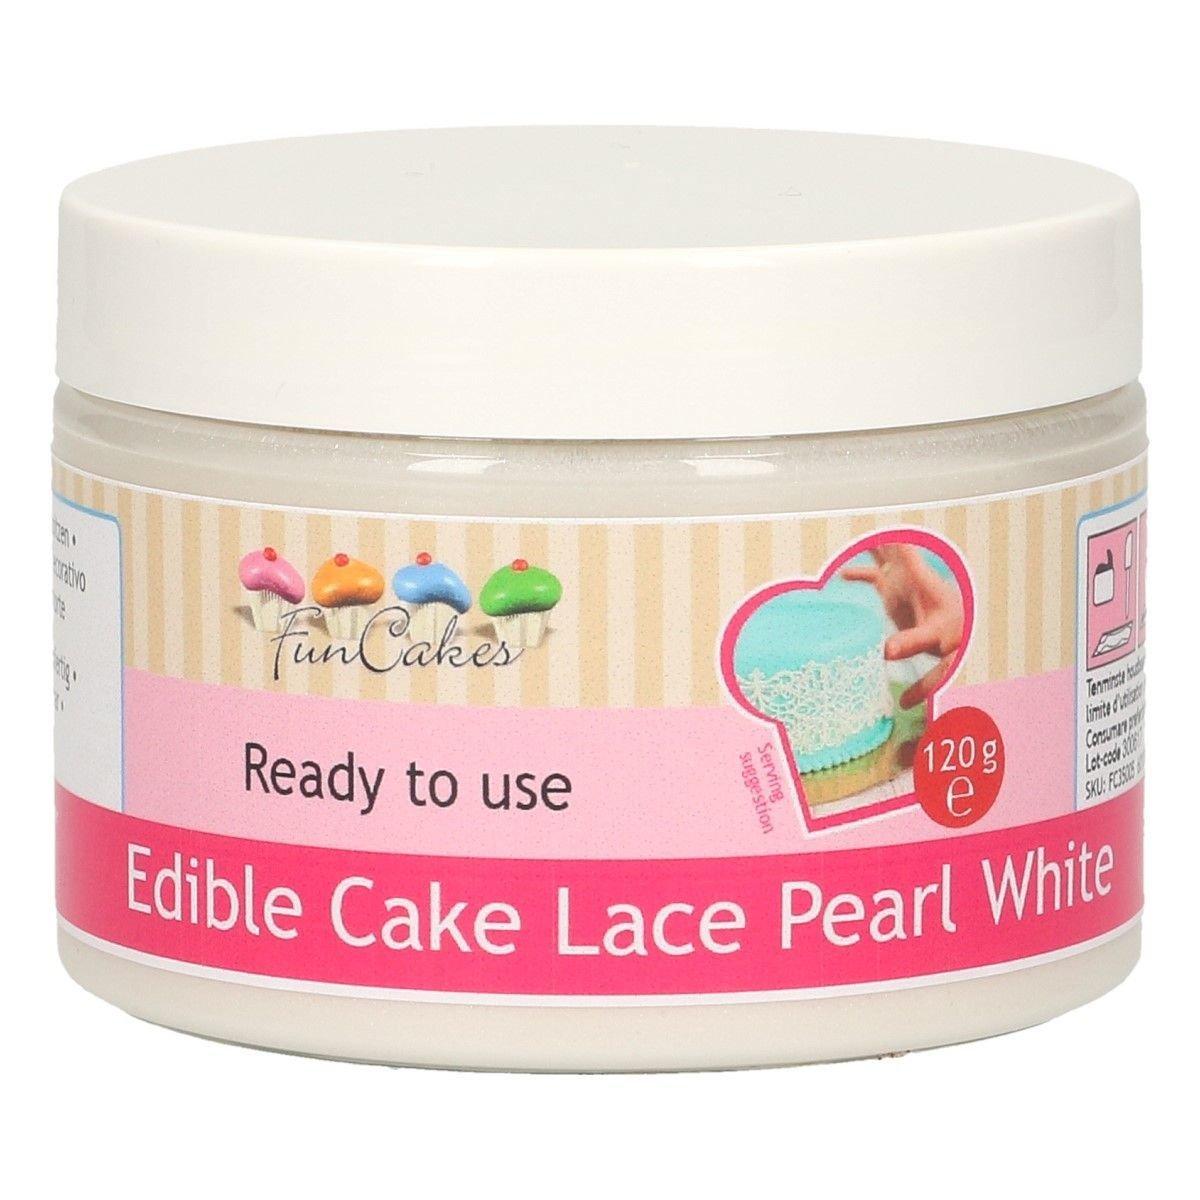 FunCakes Edible Cake Lace -PEARL WHITE -Βρώσιμη Μίγμα για δαντέλα -Περλέ Λευκό 120γρ